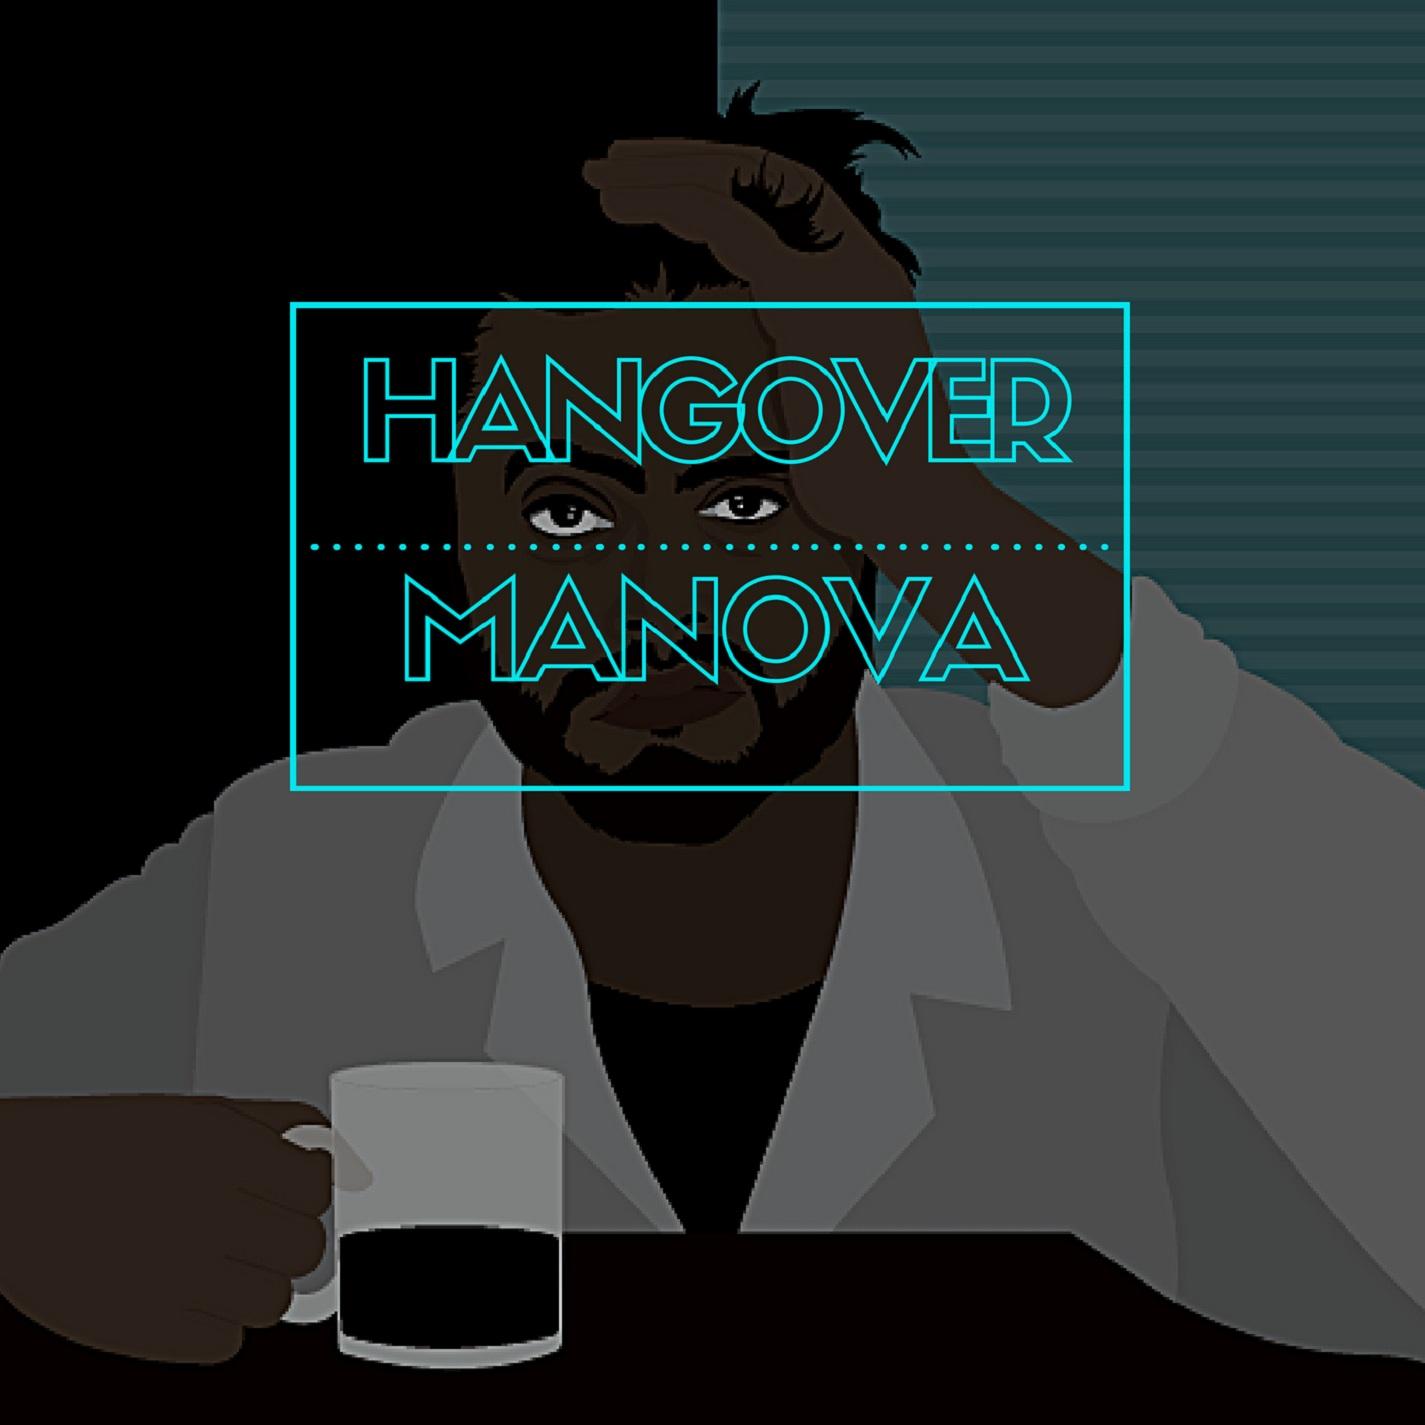 Hangover by Manova